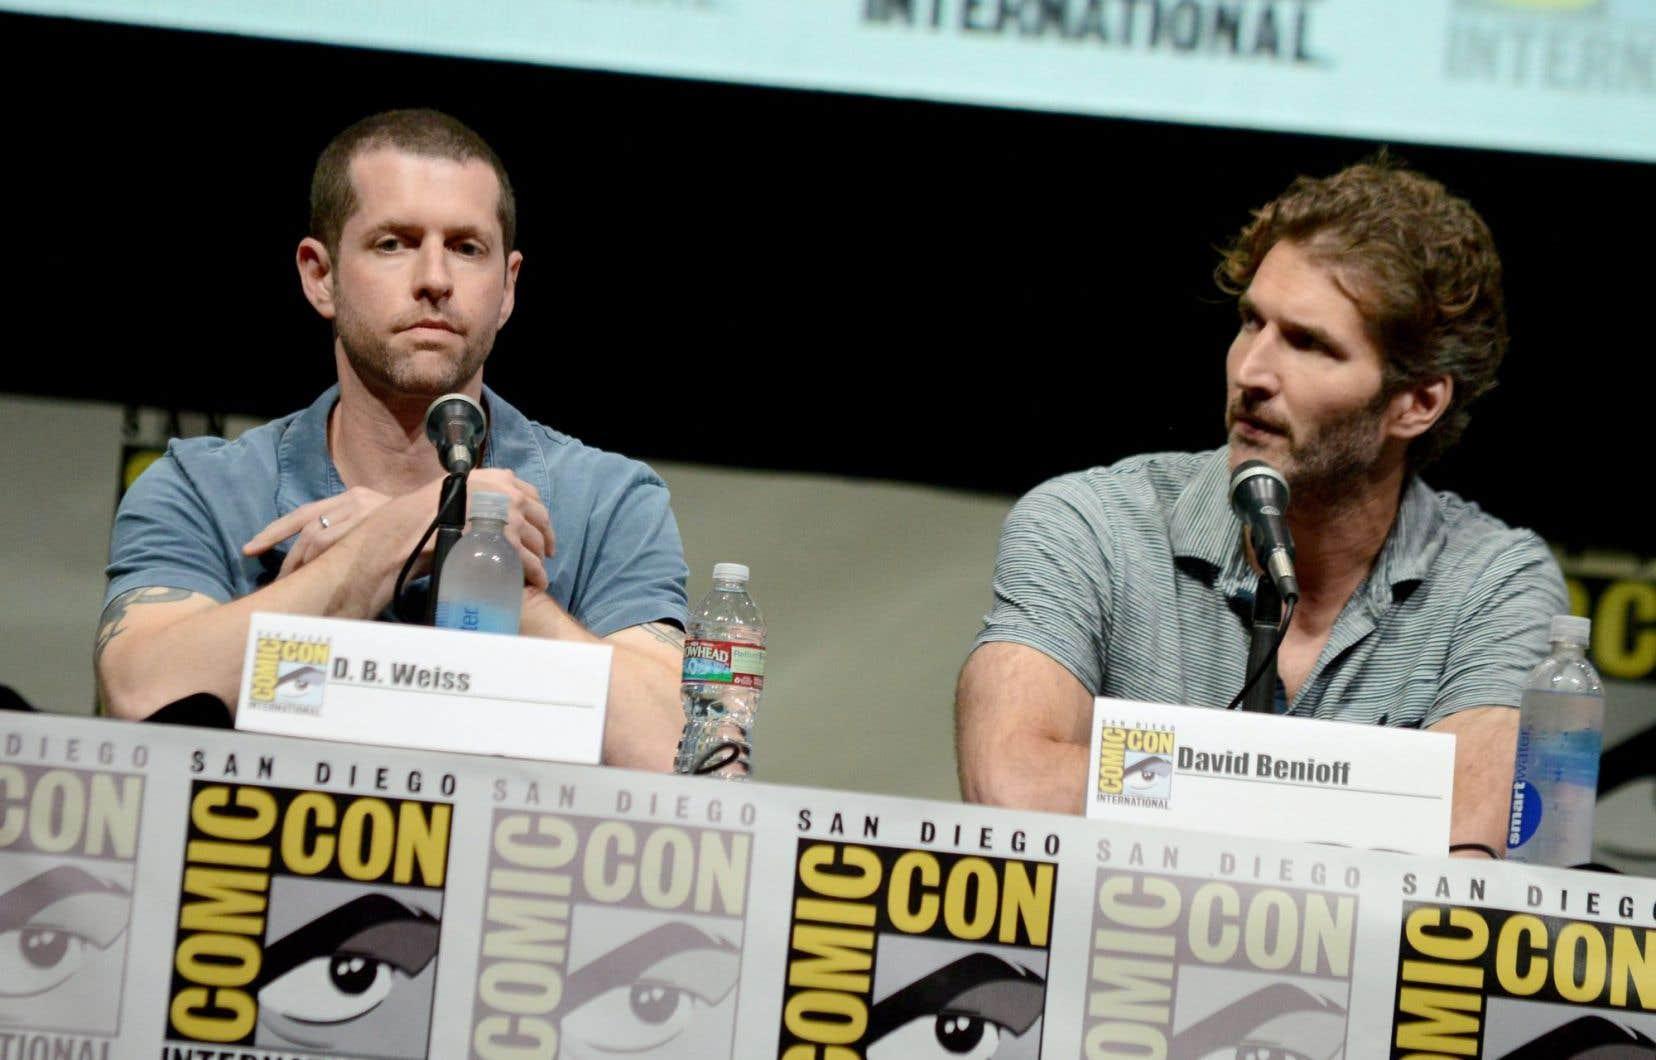 Les créateurs de la série «Game of Thrones»,D.B. Weiss etDavid Benioff